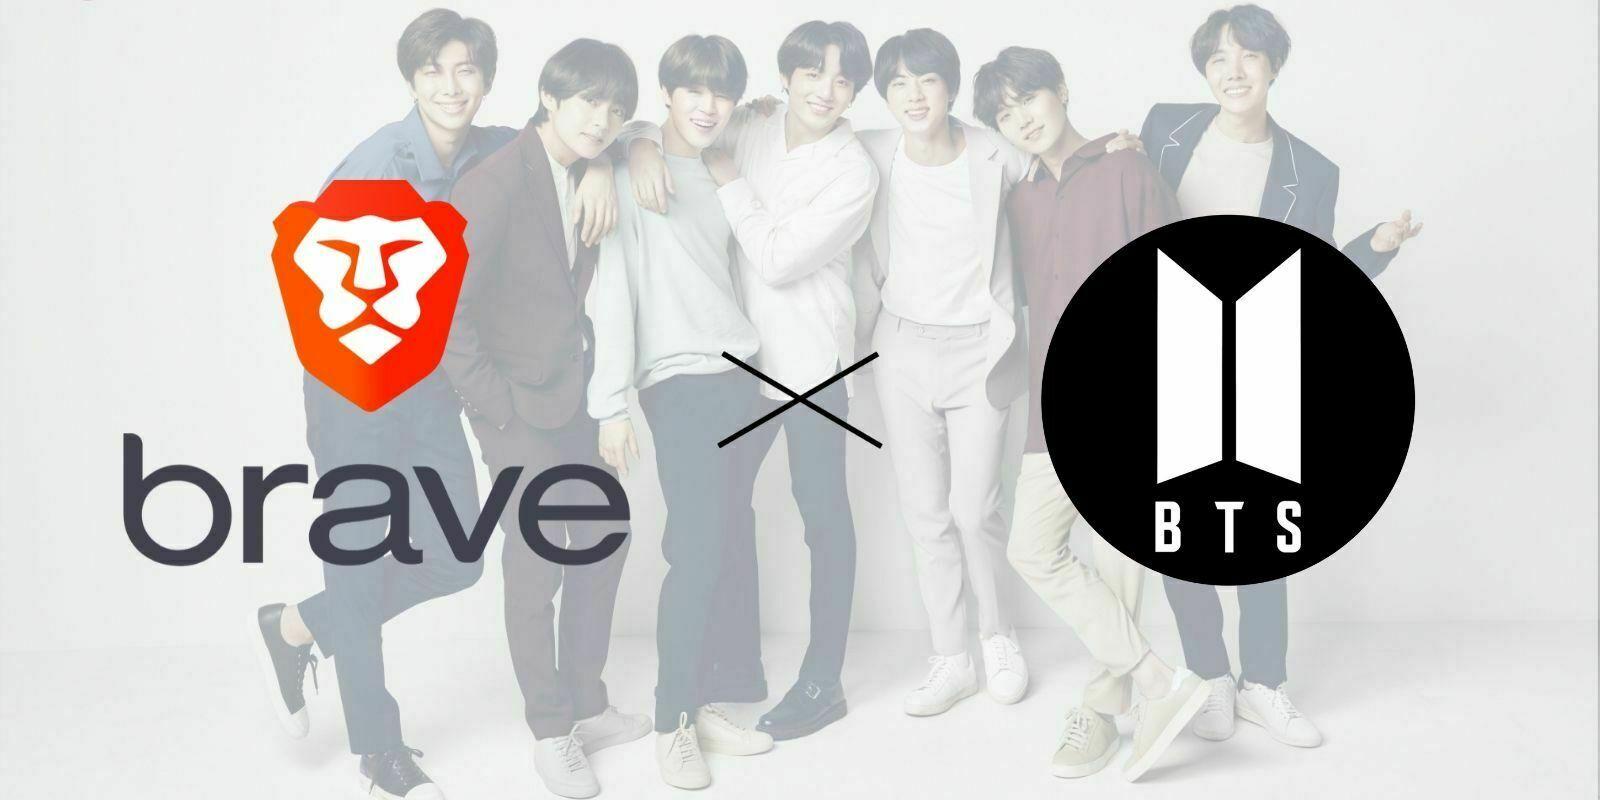 Brave s'associe au groupe BTS pour une édition limitée de son navigateur